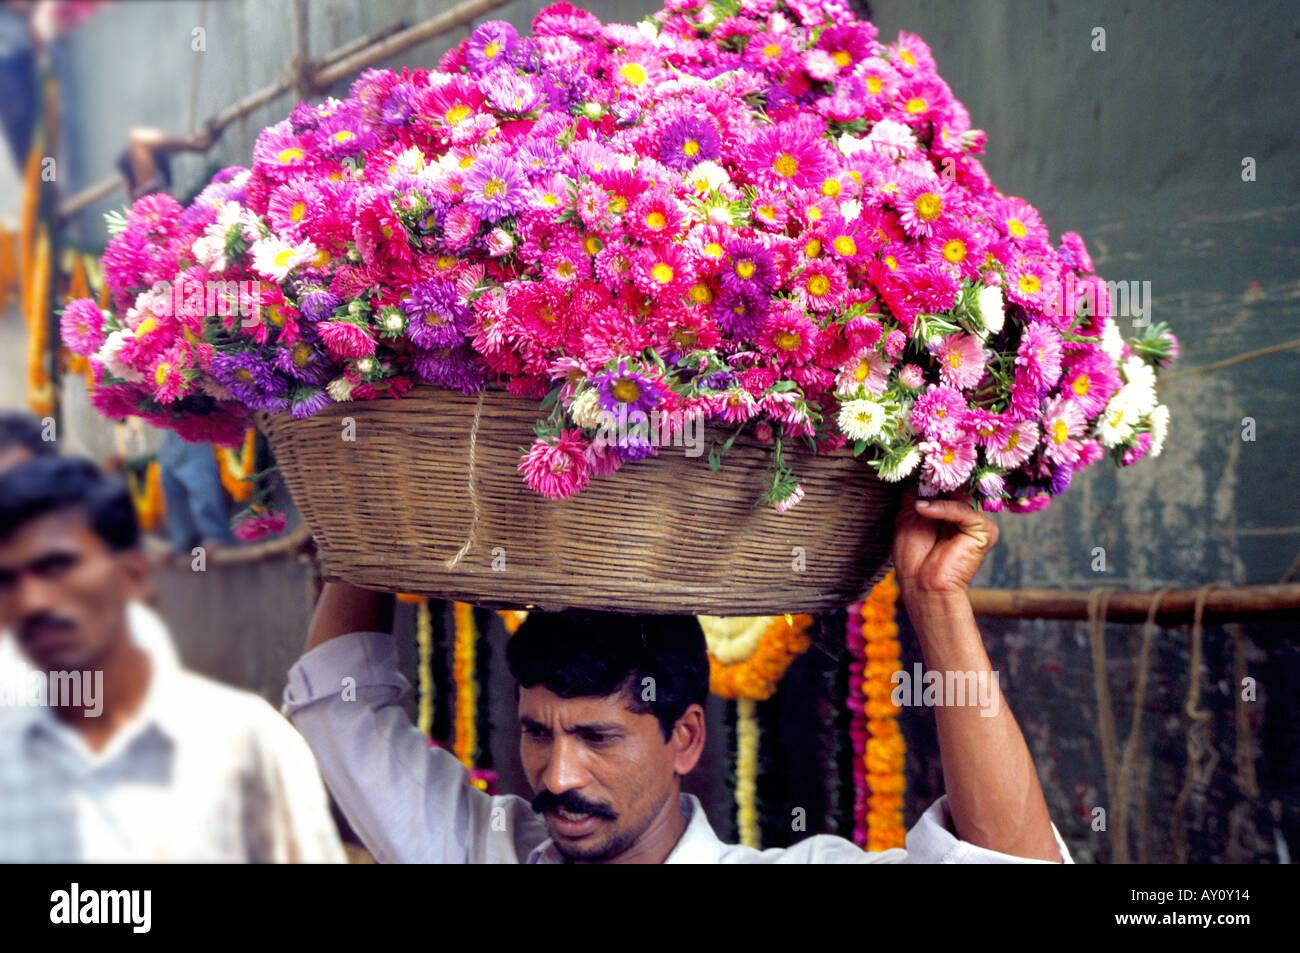 Un portero llevando una cesta de caña con un fragante flor en Dadar carga el mercado mayorista más grande Imagen De Stock